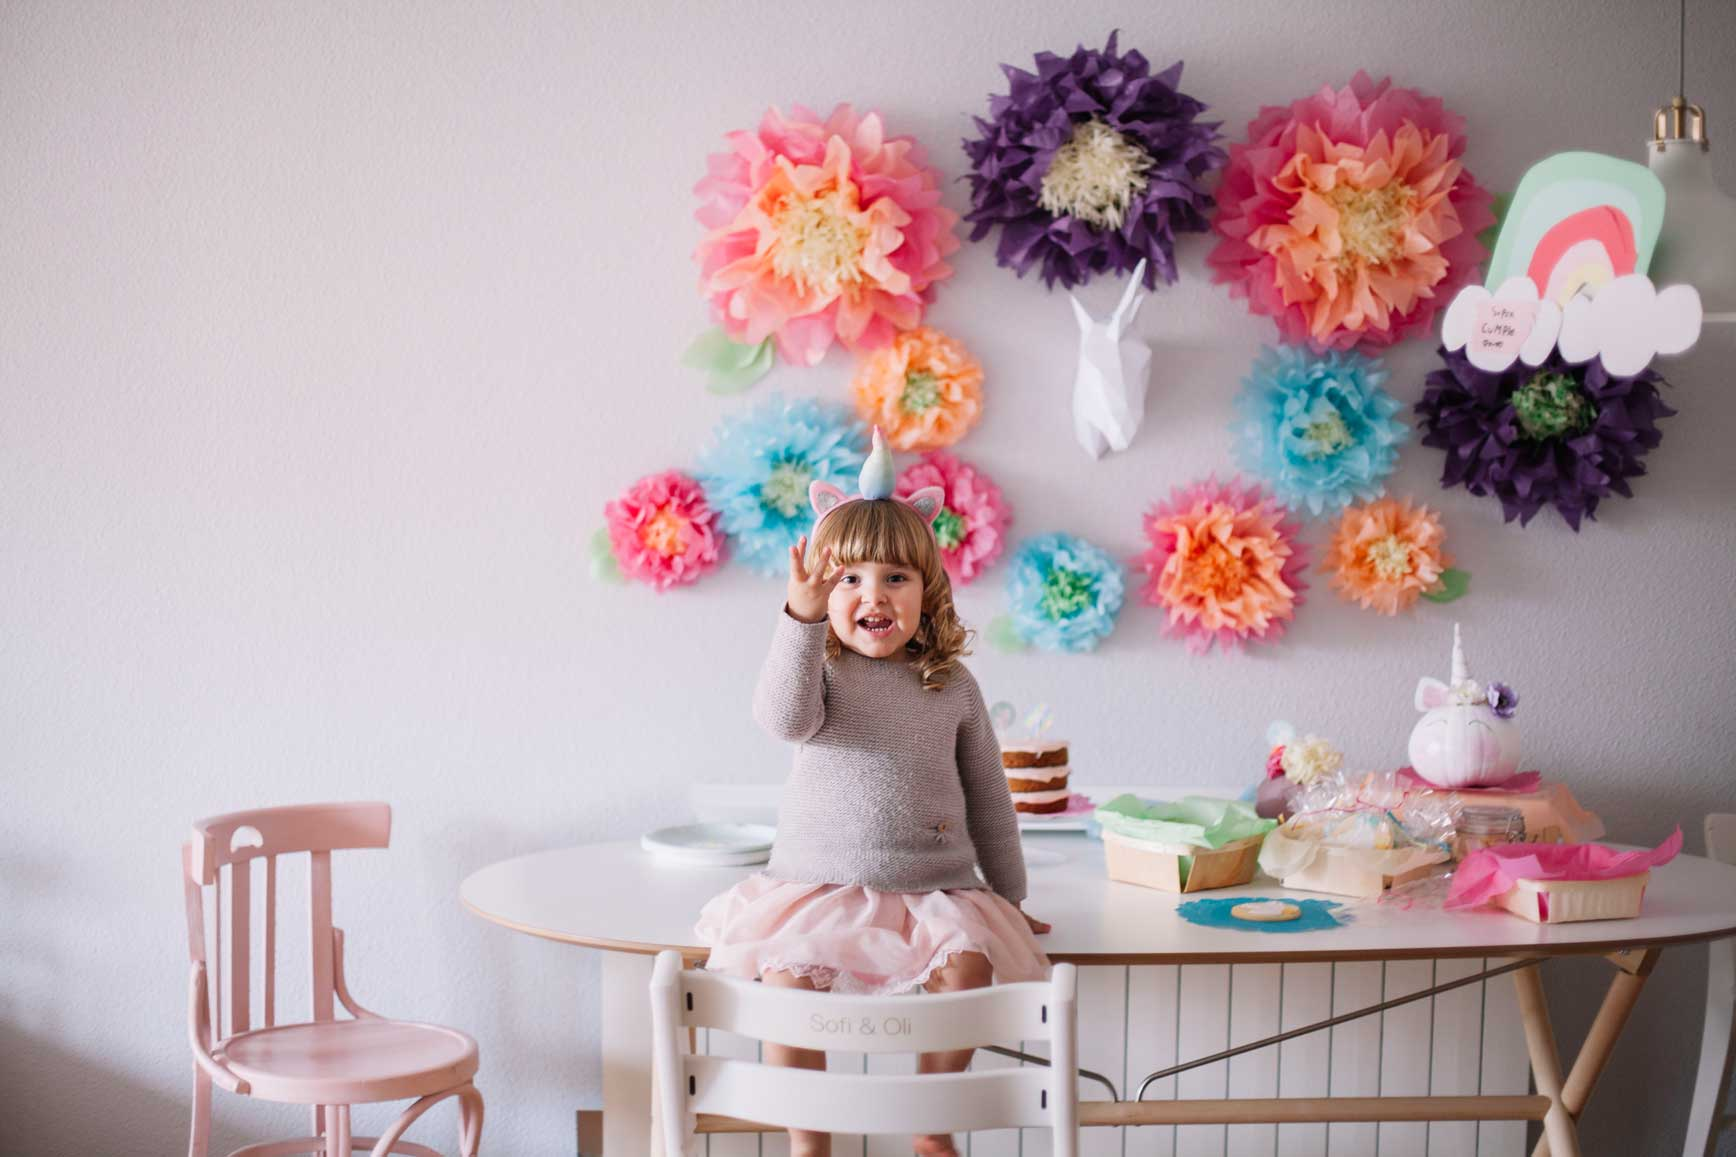 Fiestas de cumpleaos en casa fiestas infantiles de - Ideas para fiestas de cumpleanos infantiles en casa ...